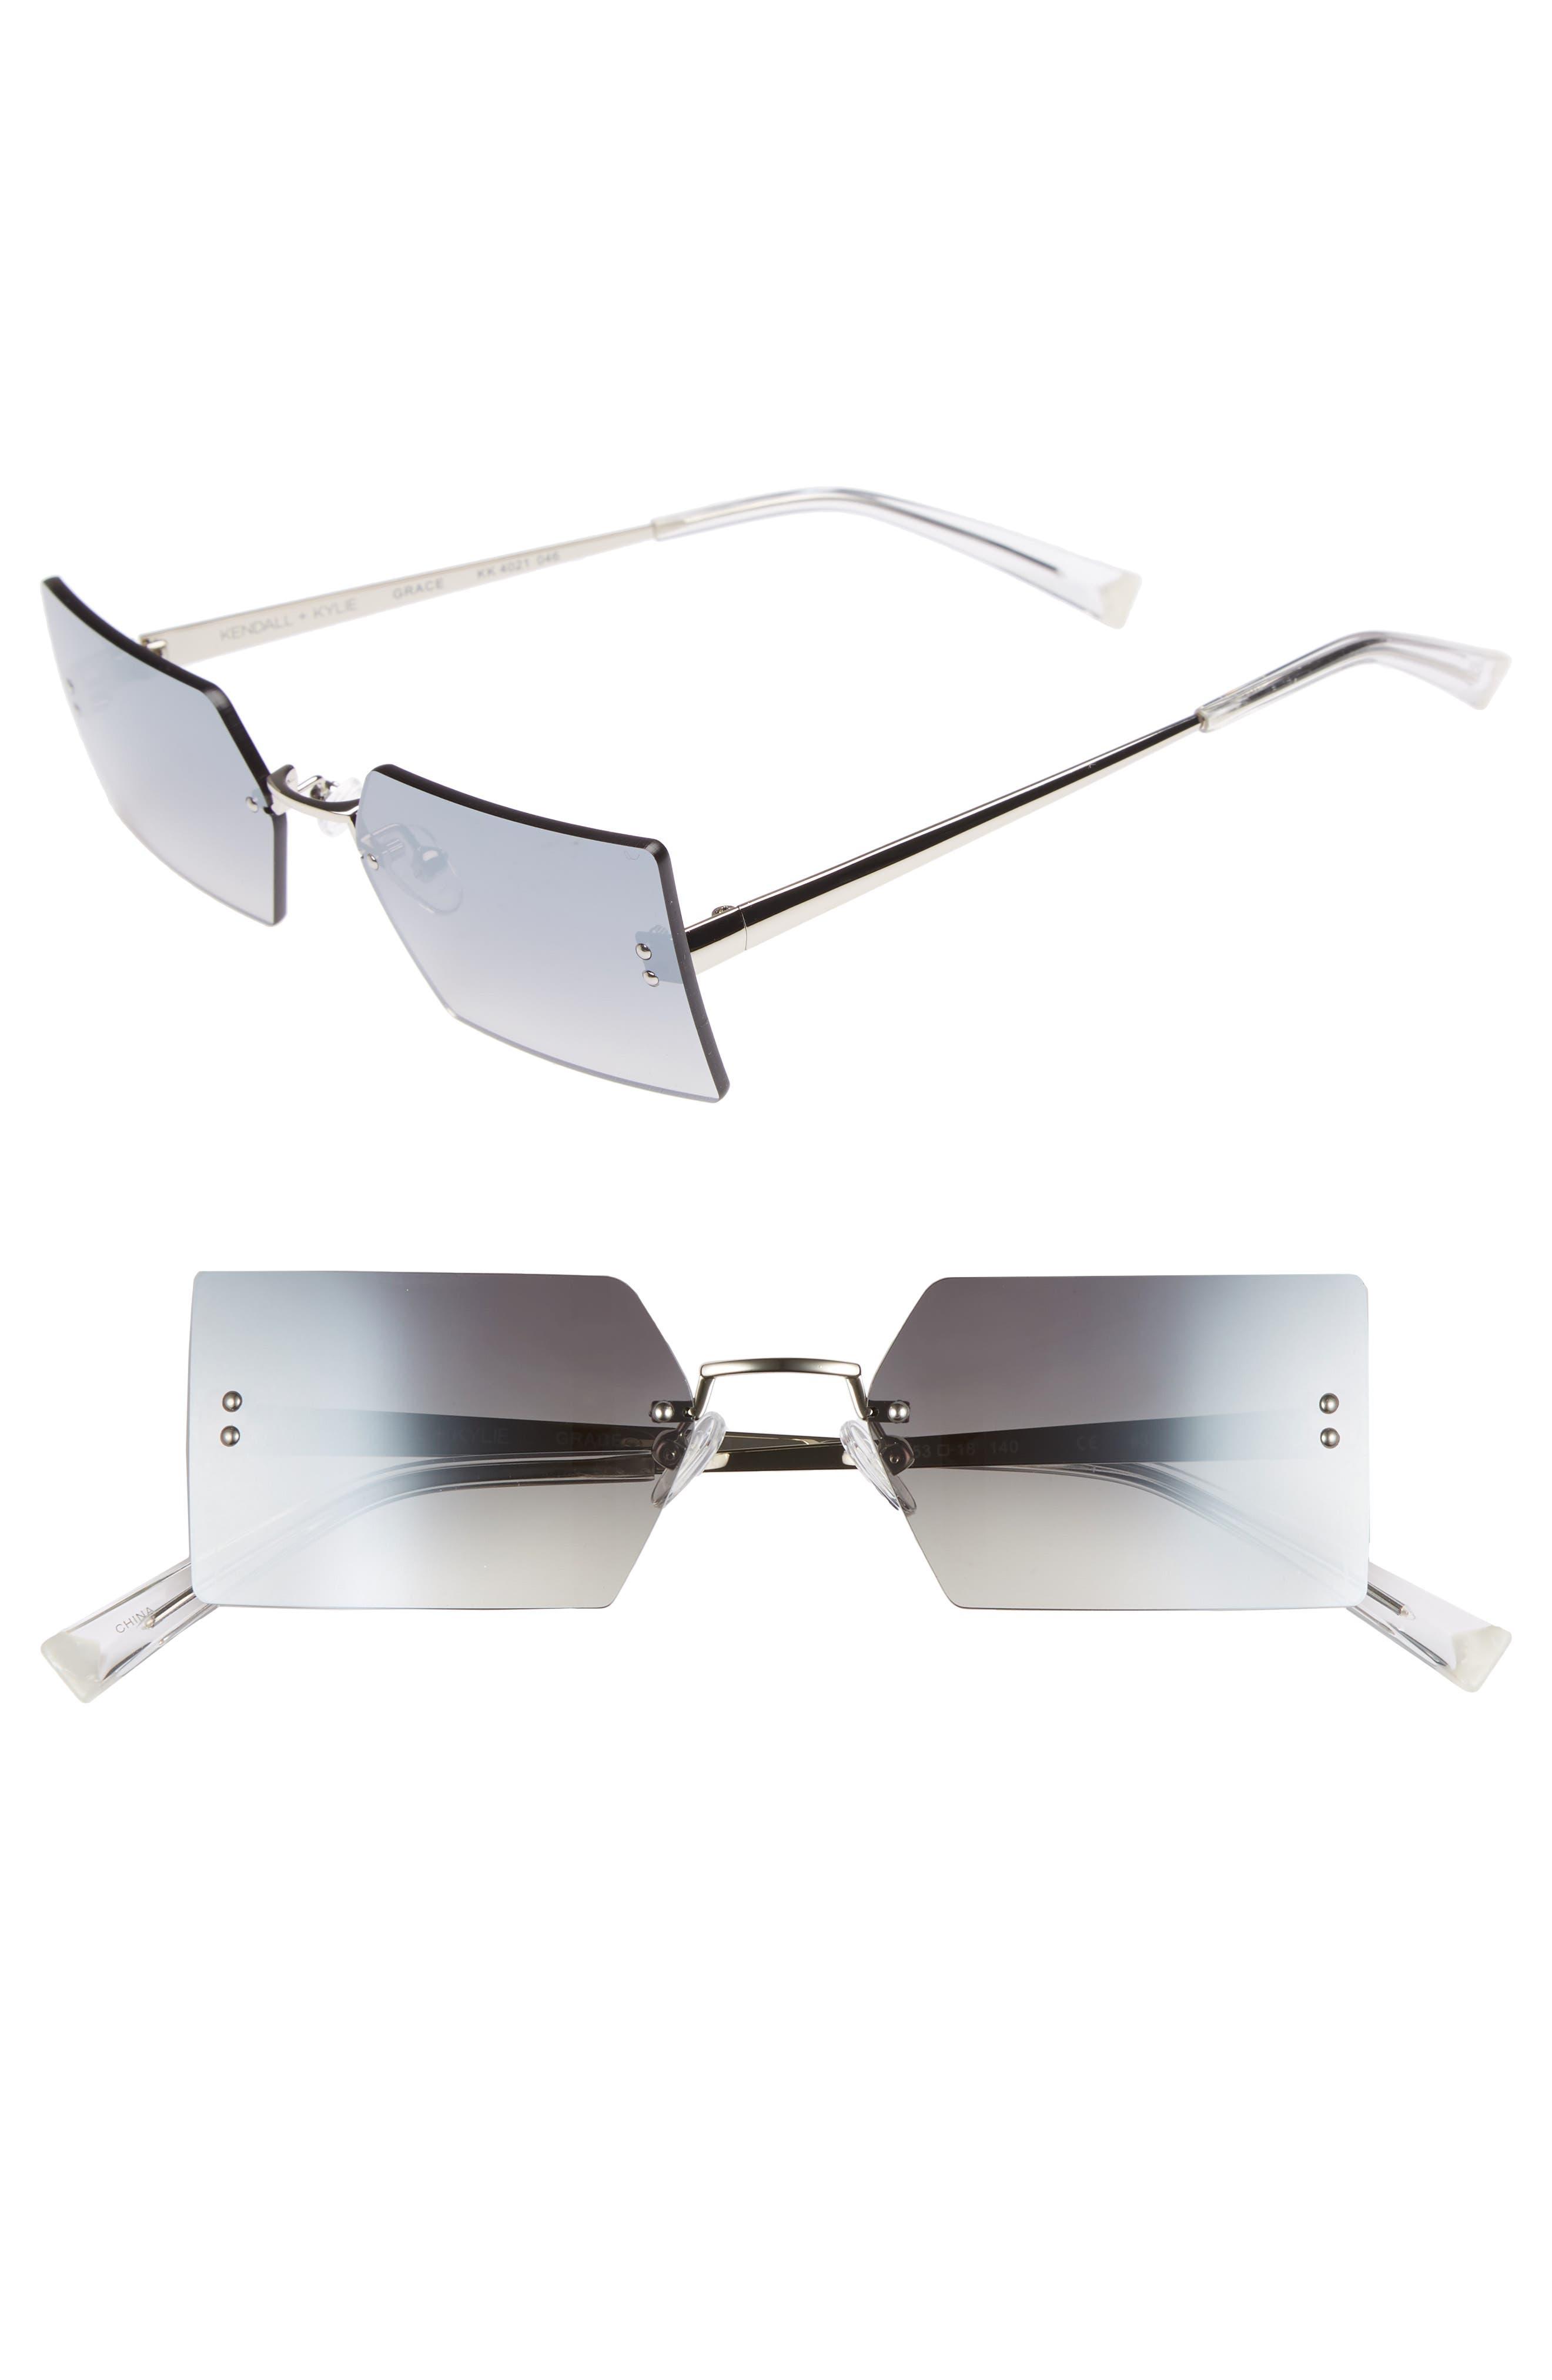 KENDALL + KYLIE Grace 53mm Rimless Rectangular Sunglasses